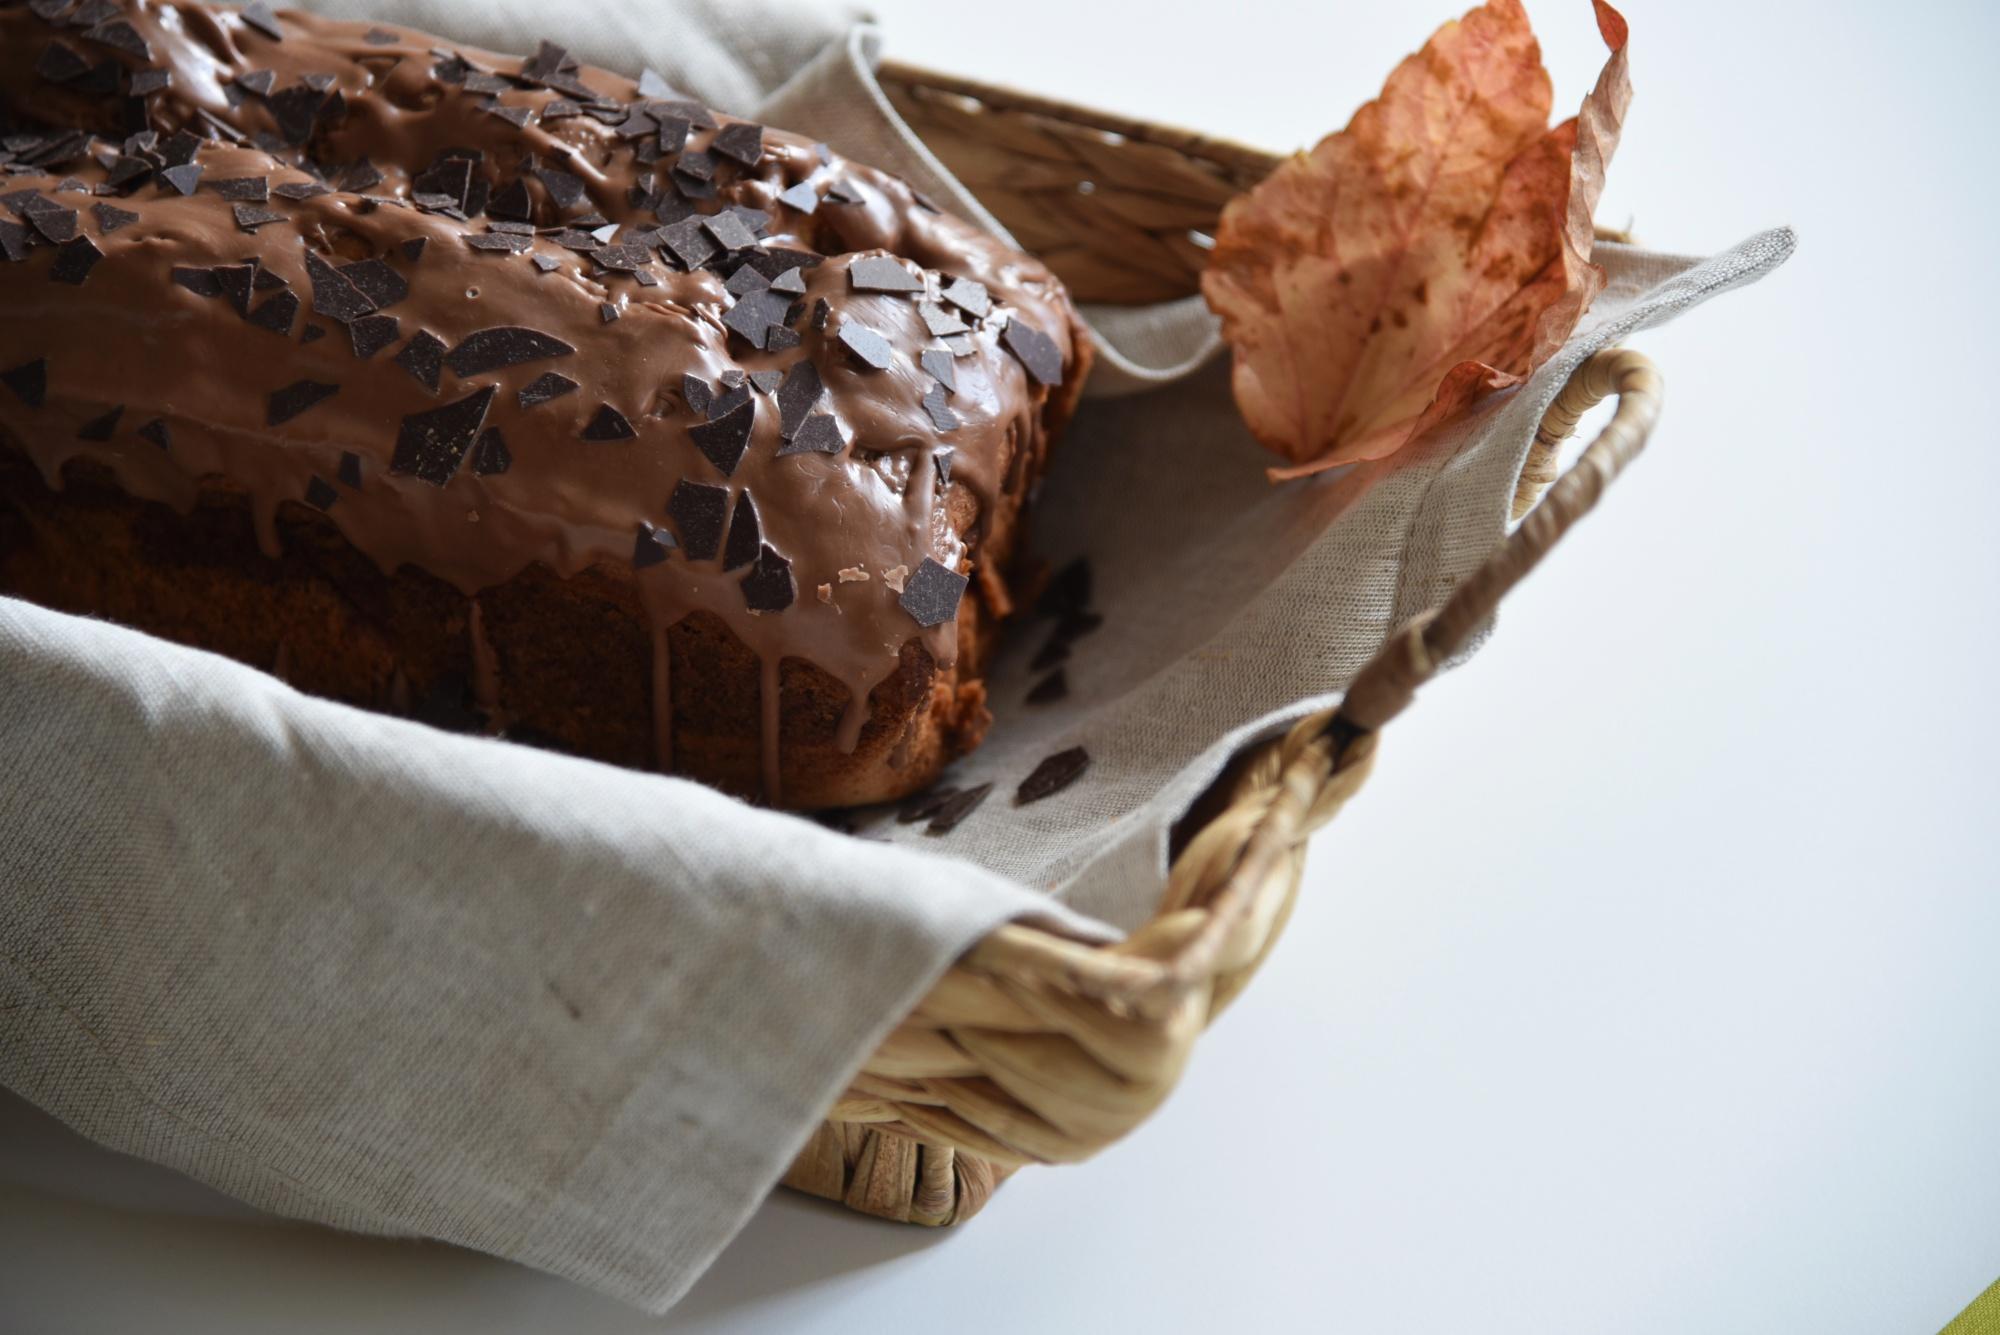 Rezept Fur Saftigen Marmorkuchen Cook Boom Bam Weil Kochen Spass